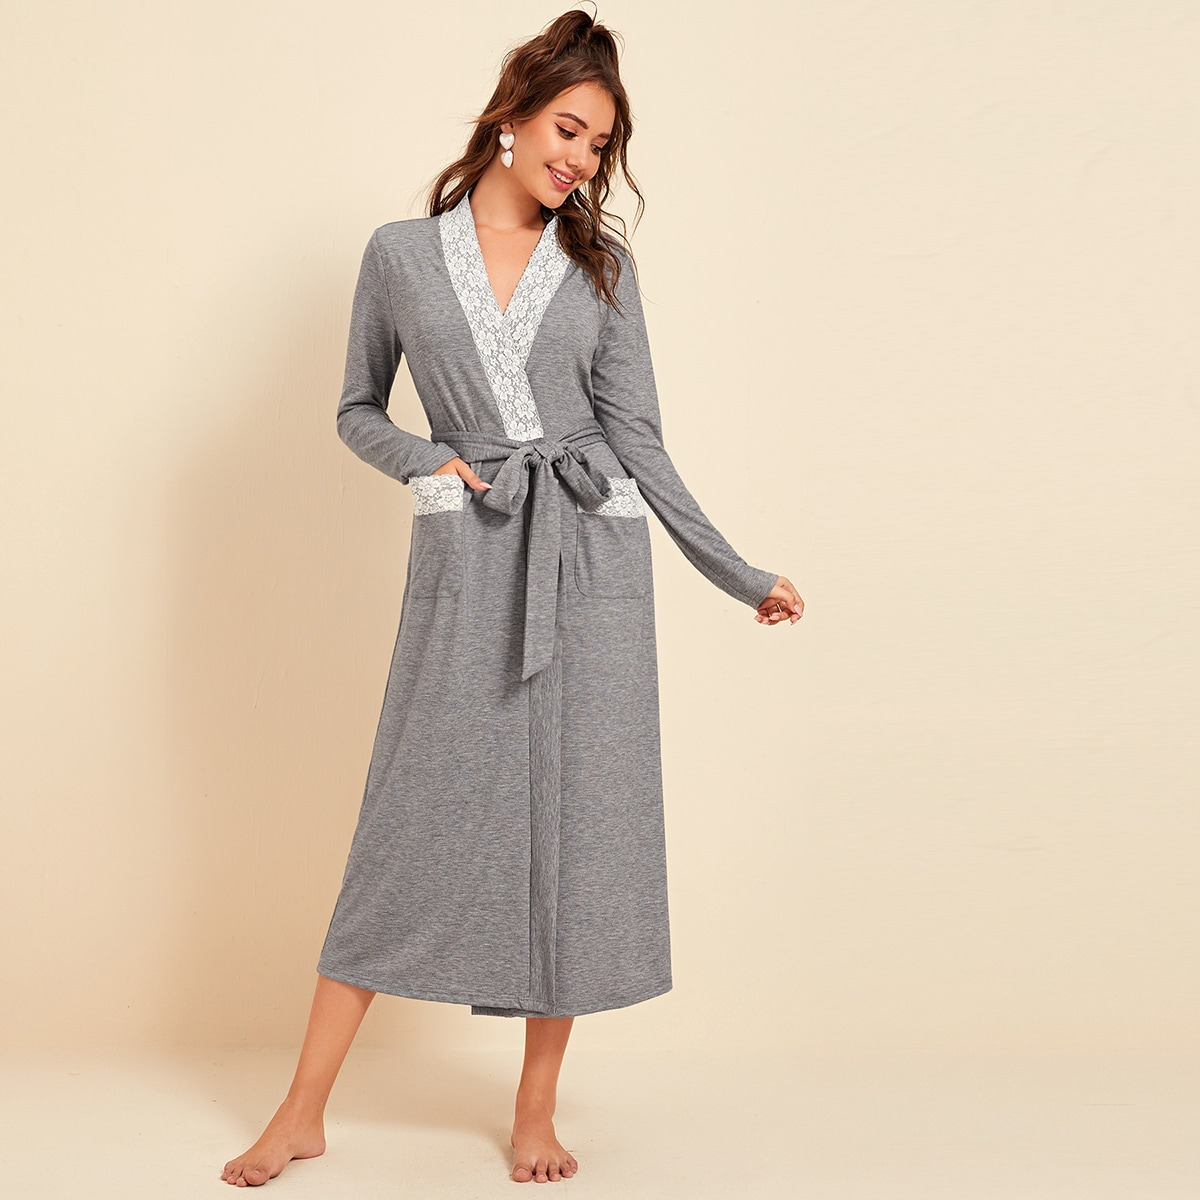 Халат с карманами, кружевной отделкой и поясом